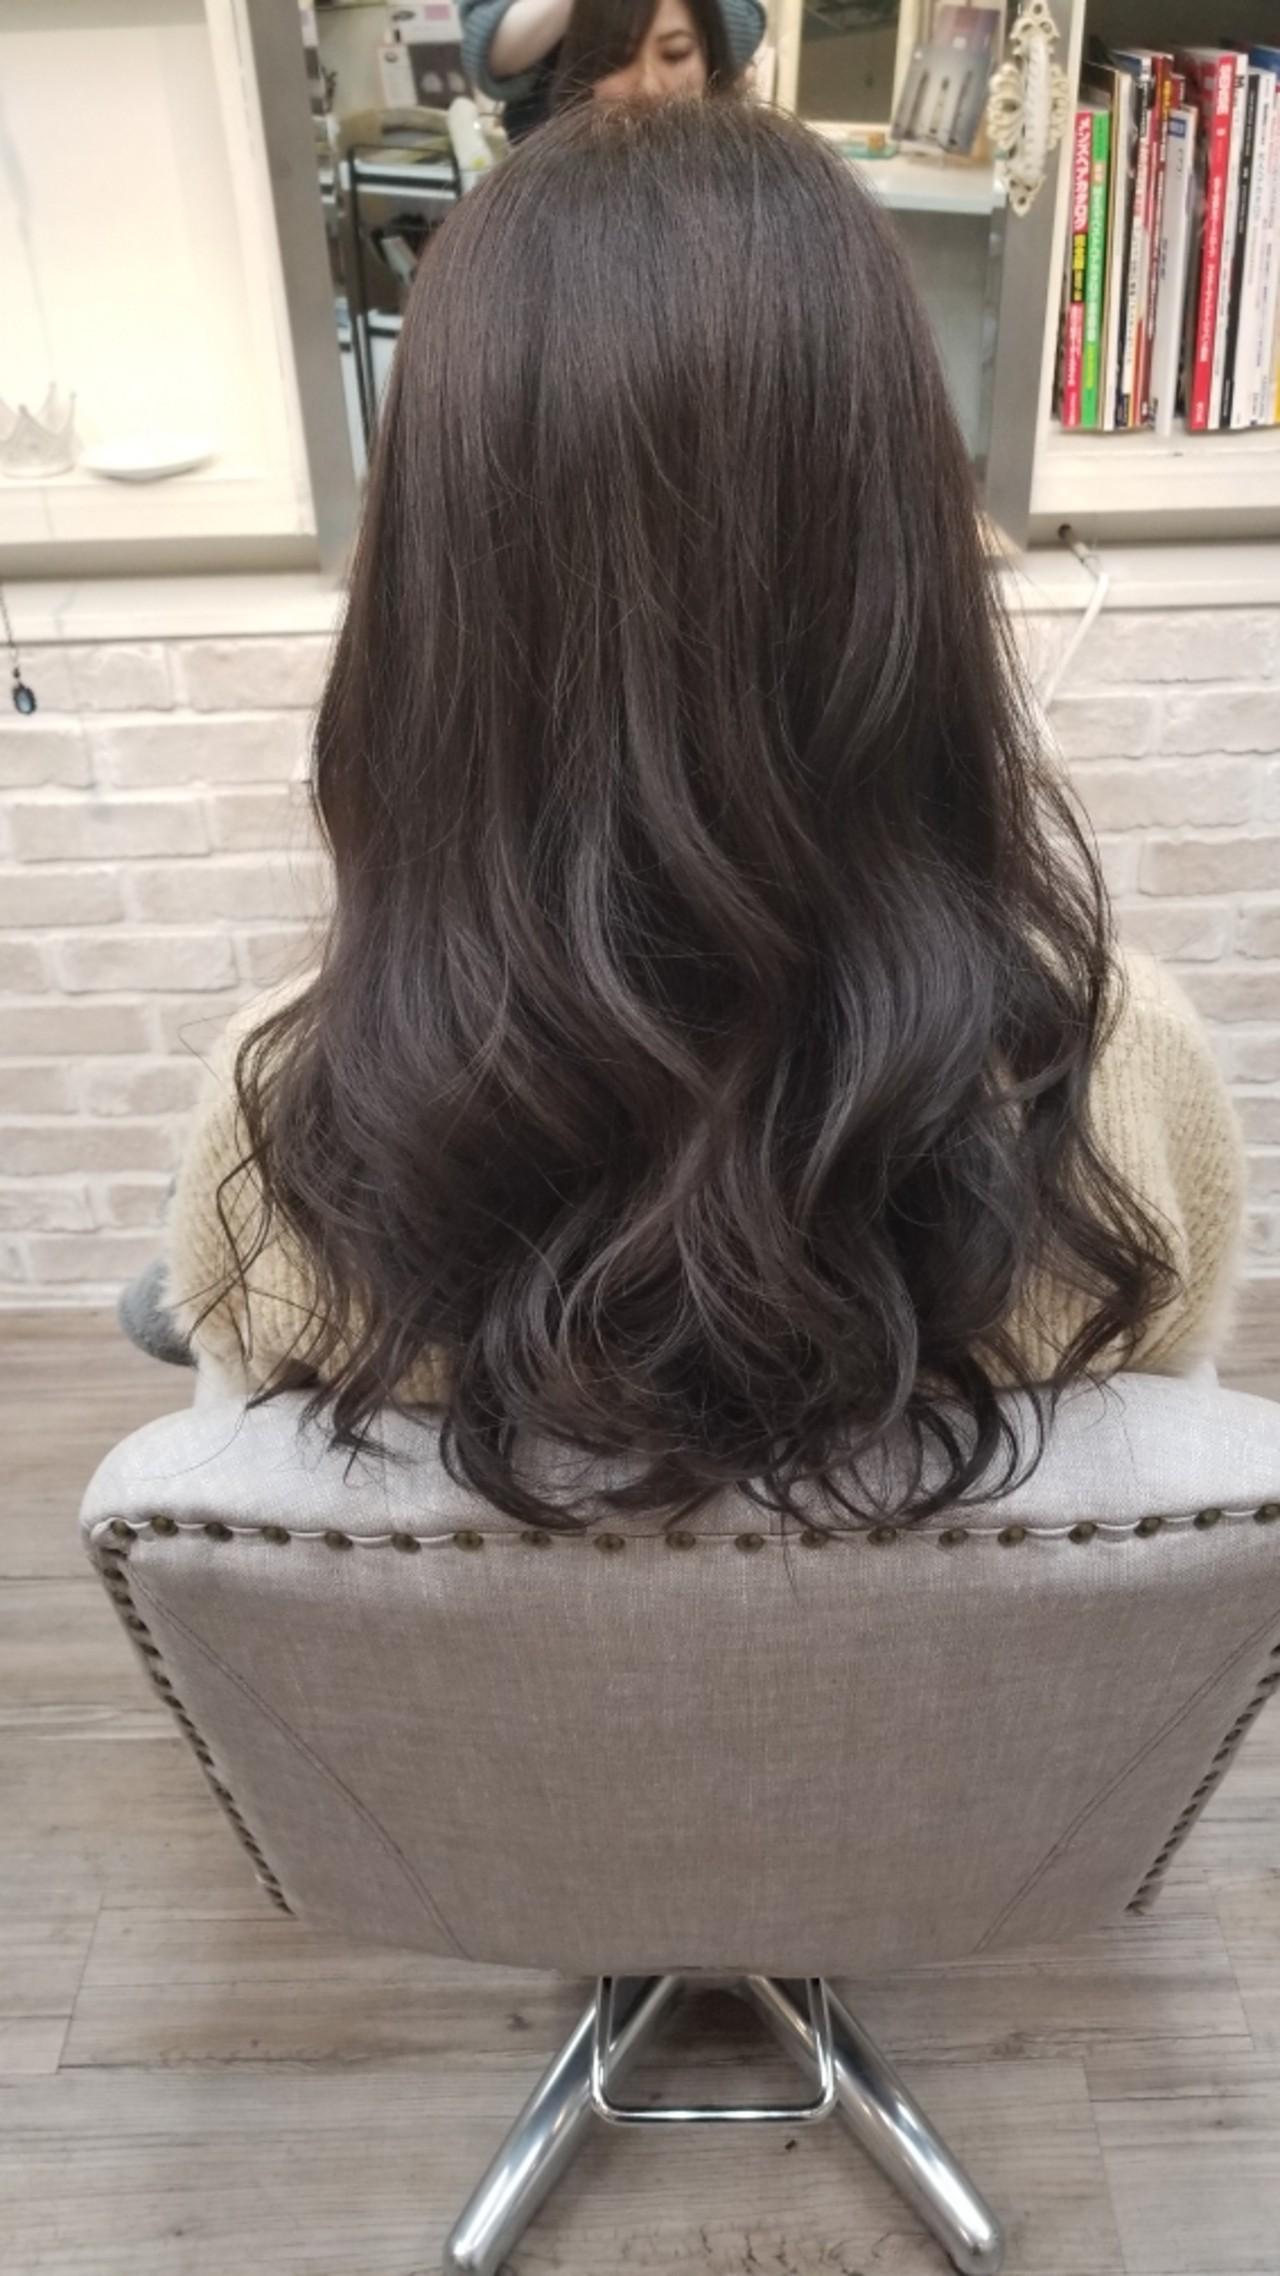 アンニュイ ナチュラル ラベンダーアッシュ グレージュ ヘアスタイルや髪型の写真・画像 | Naoko Miura / avant